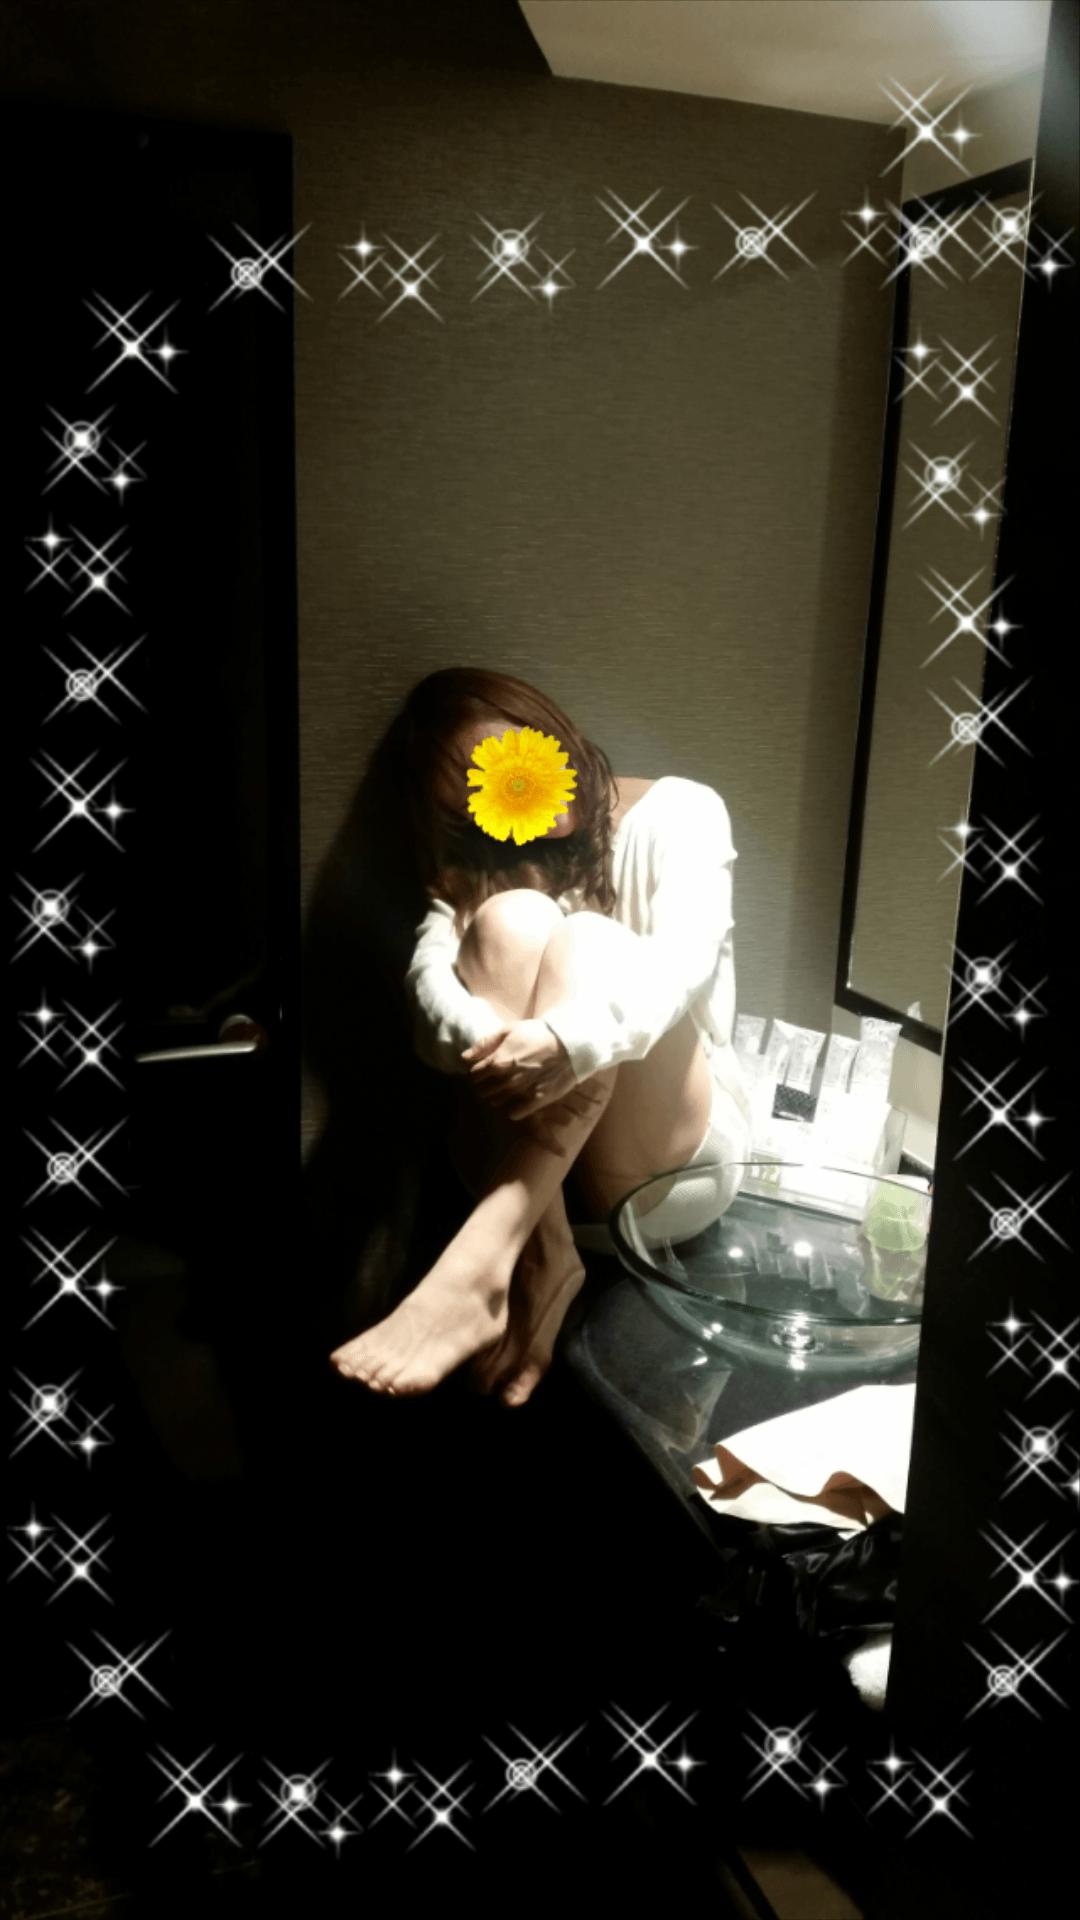 「明日〜(///ω///)♪」01/14(01/14) 07:50 | ななせの写メ・風俗動画